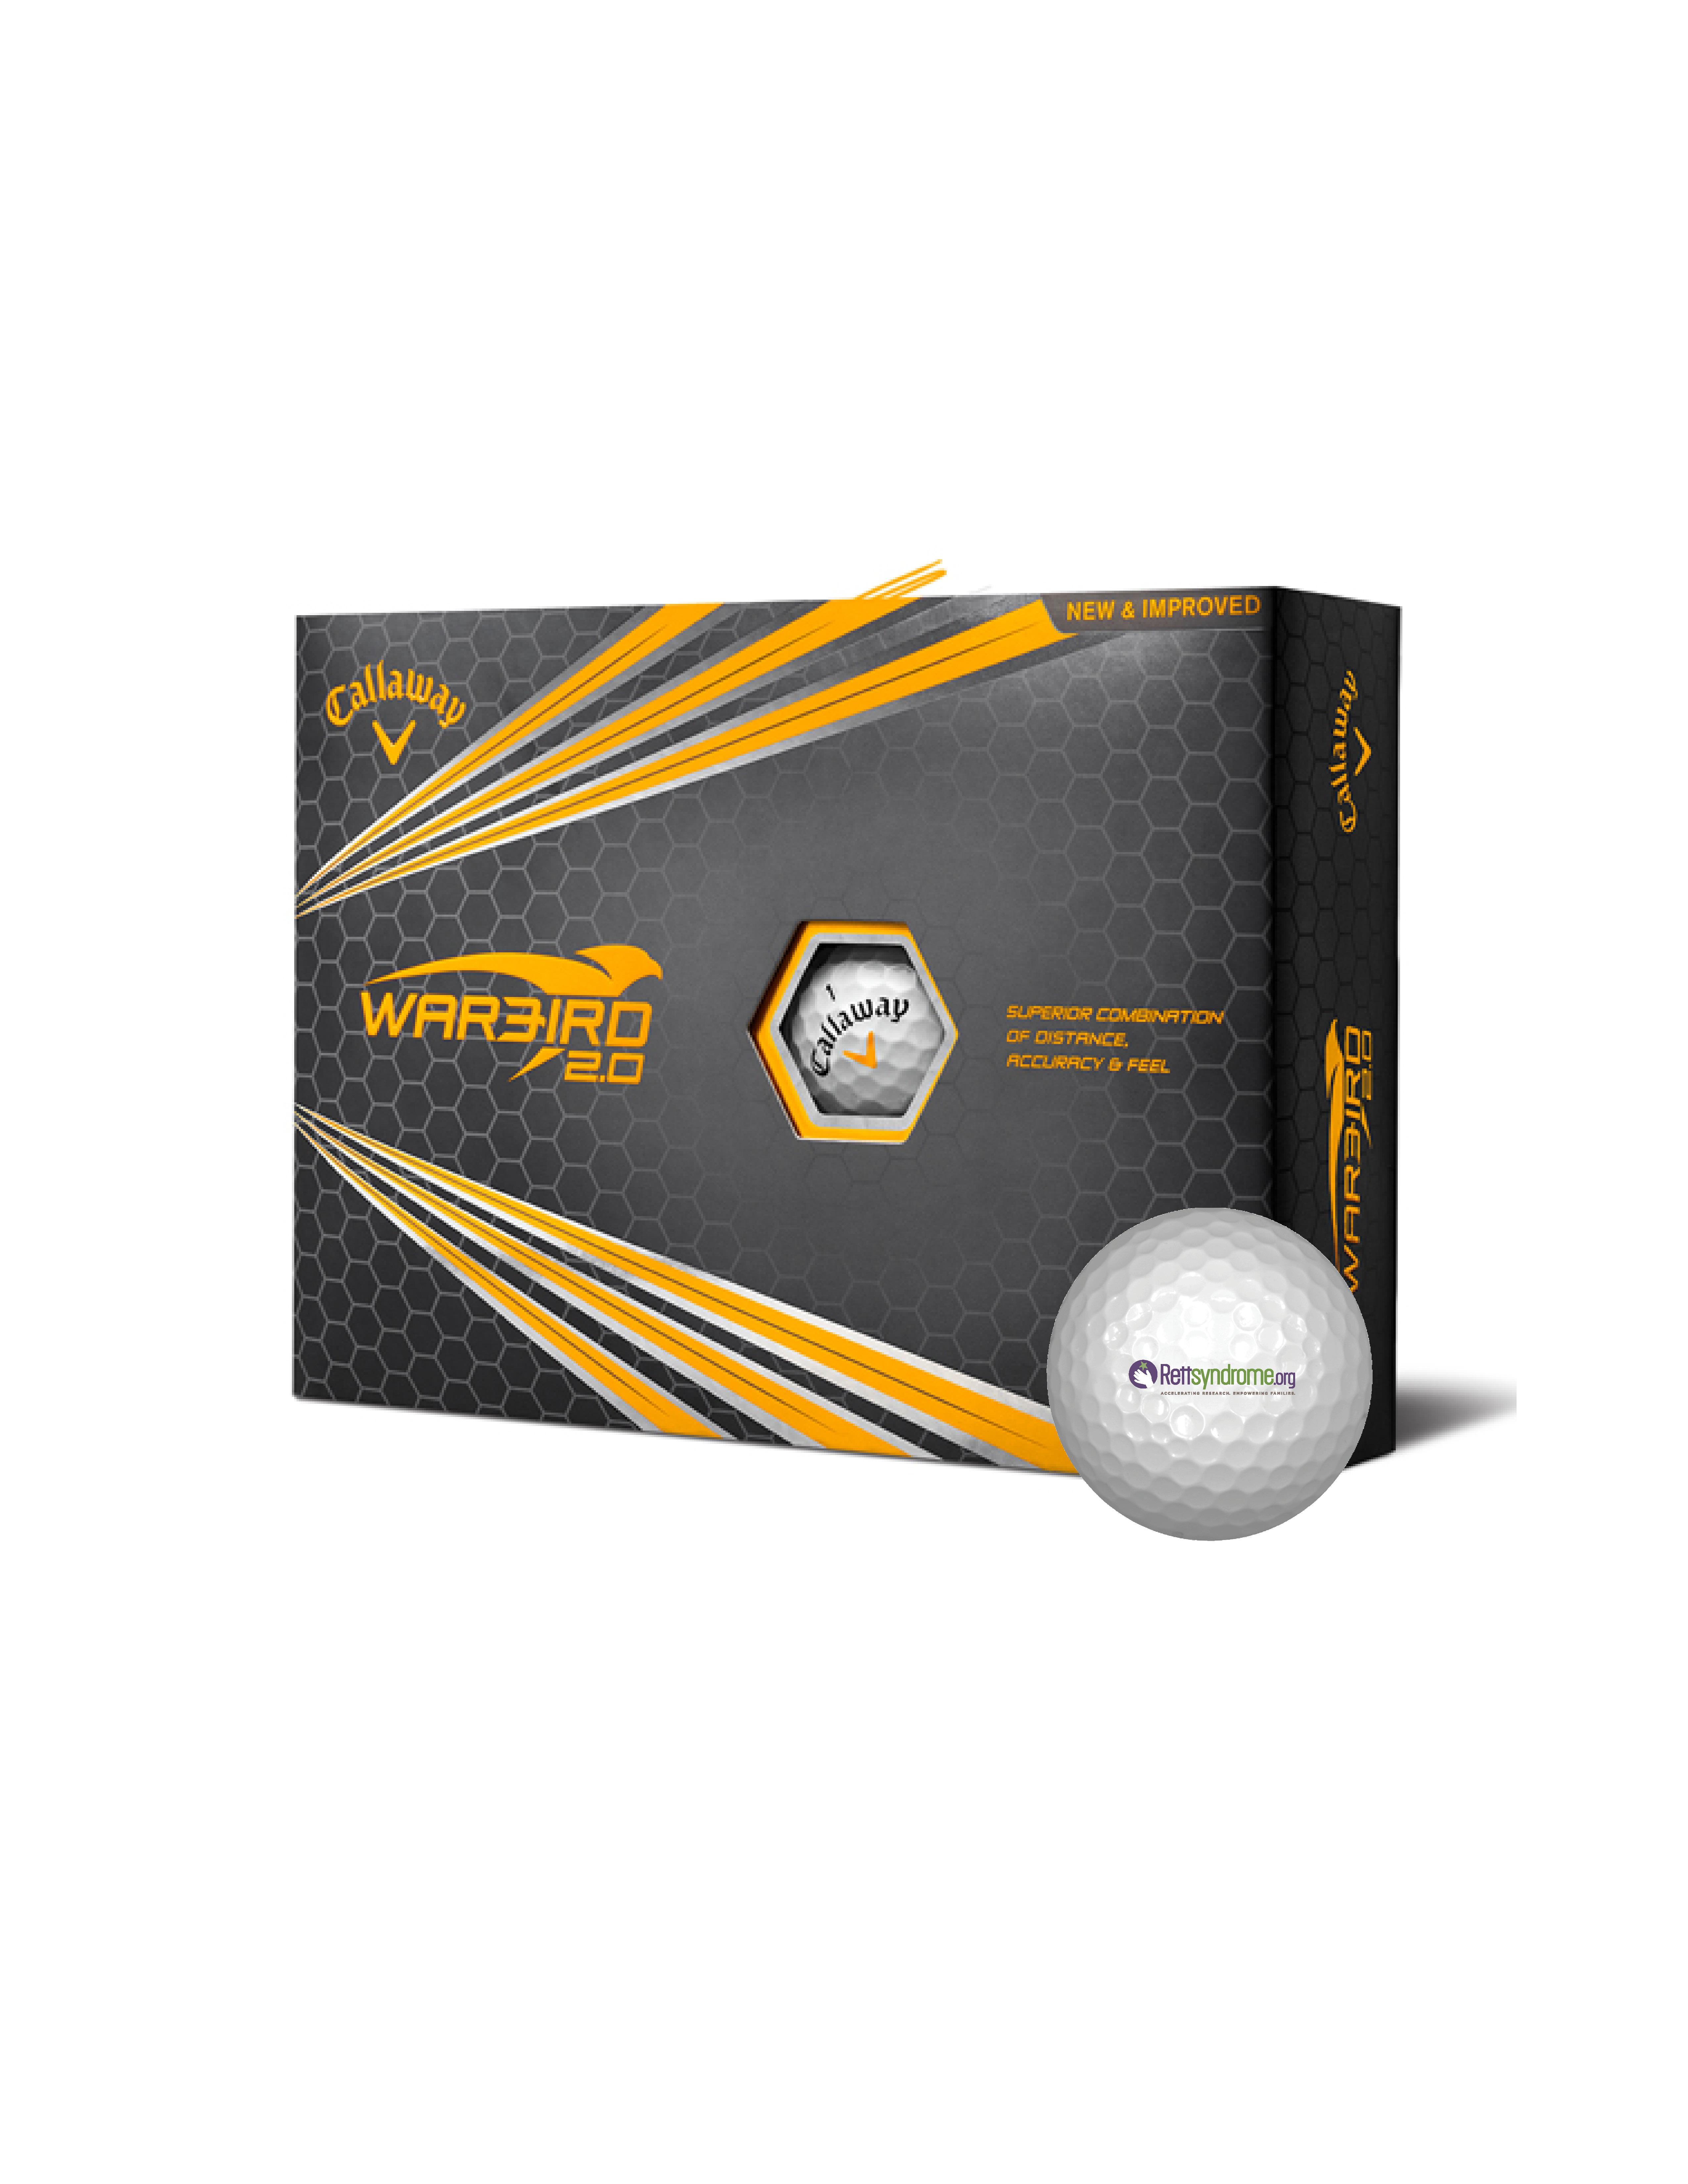 Callaway Warbird 2.0 Golf Balls|RettSyndrome.org